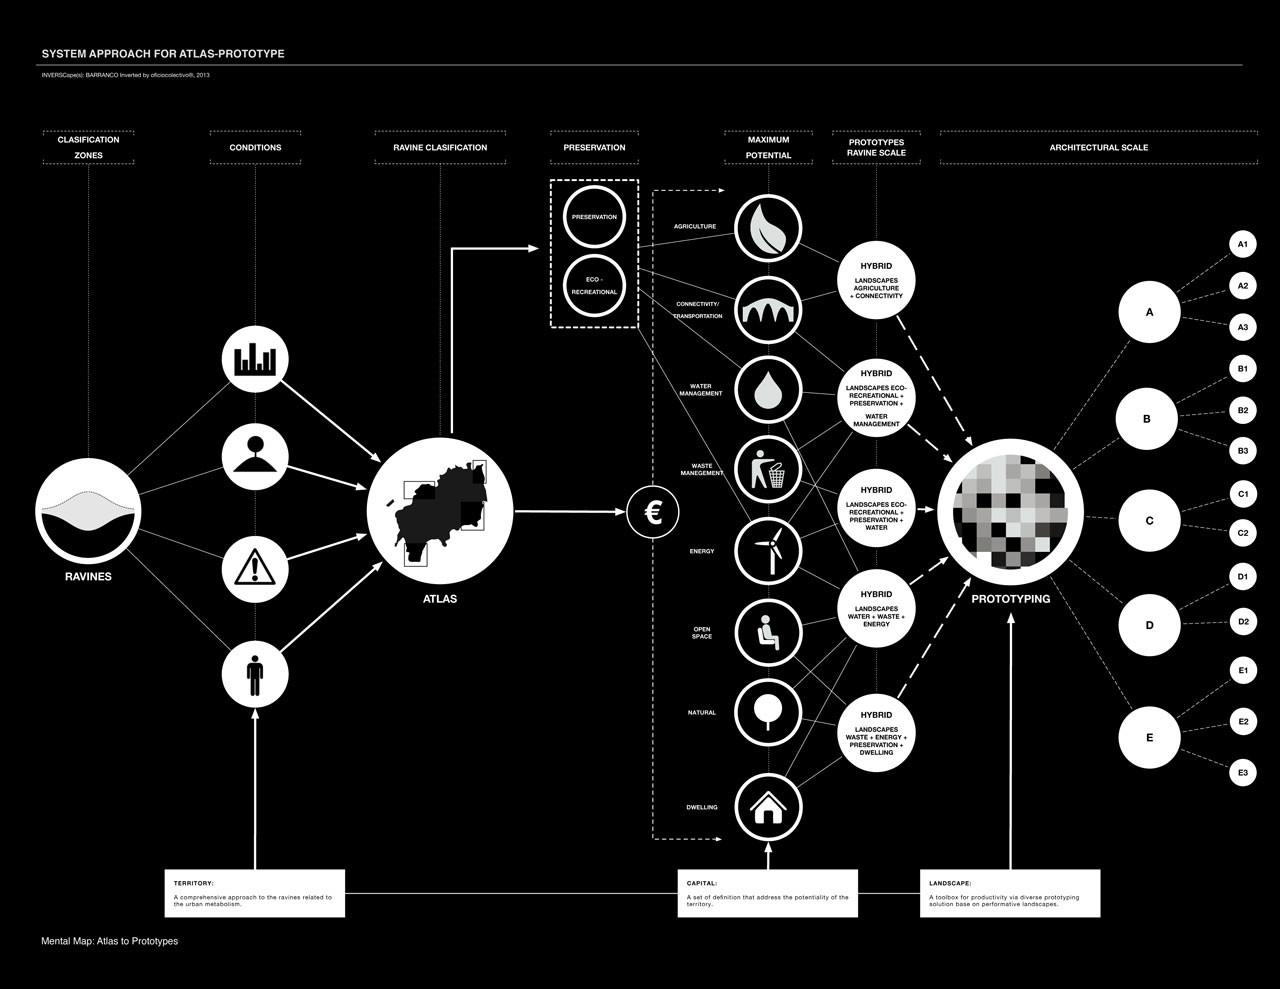 Sistema de Aproximación al descubrimiento, evidencia y prototipo. Image Courtesy of oficiocolectivo